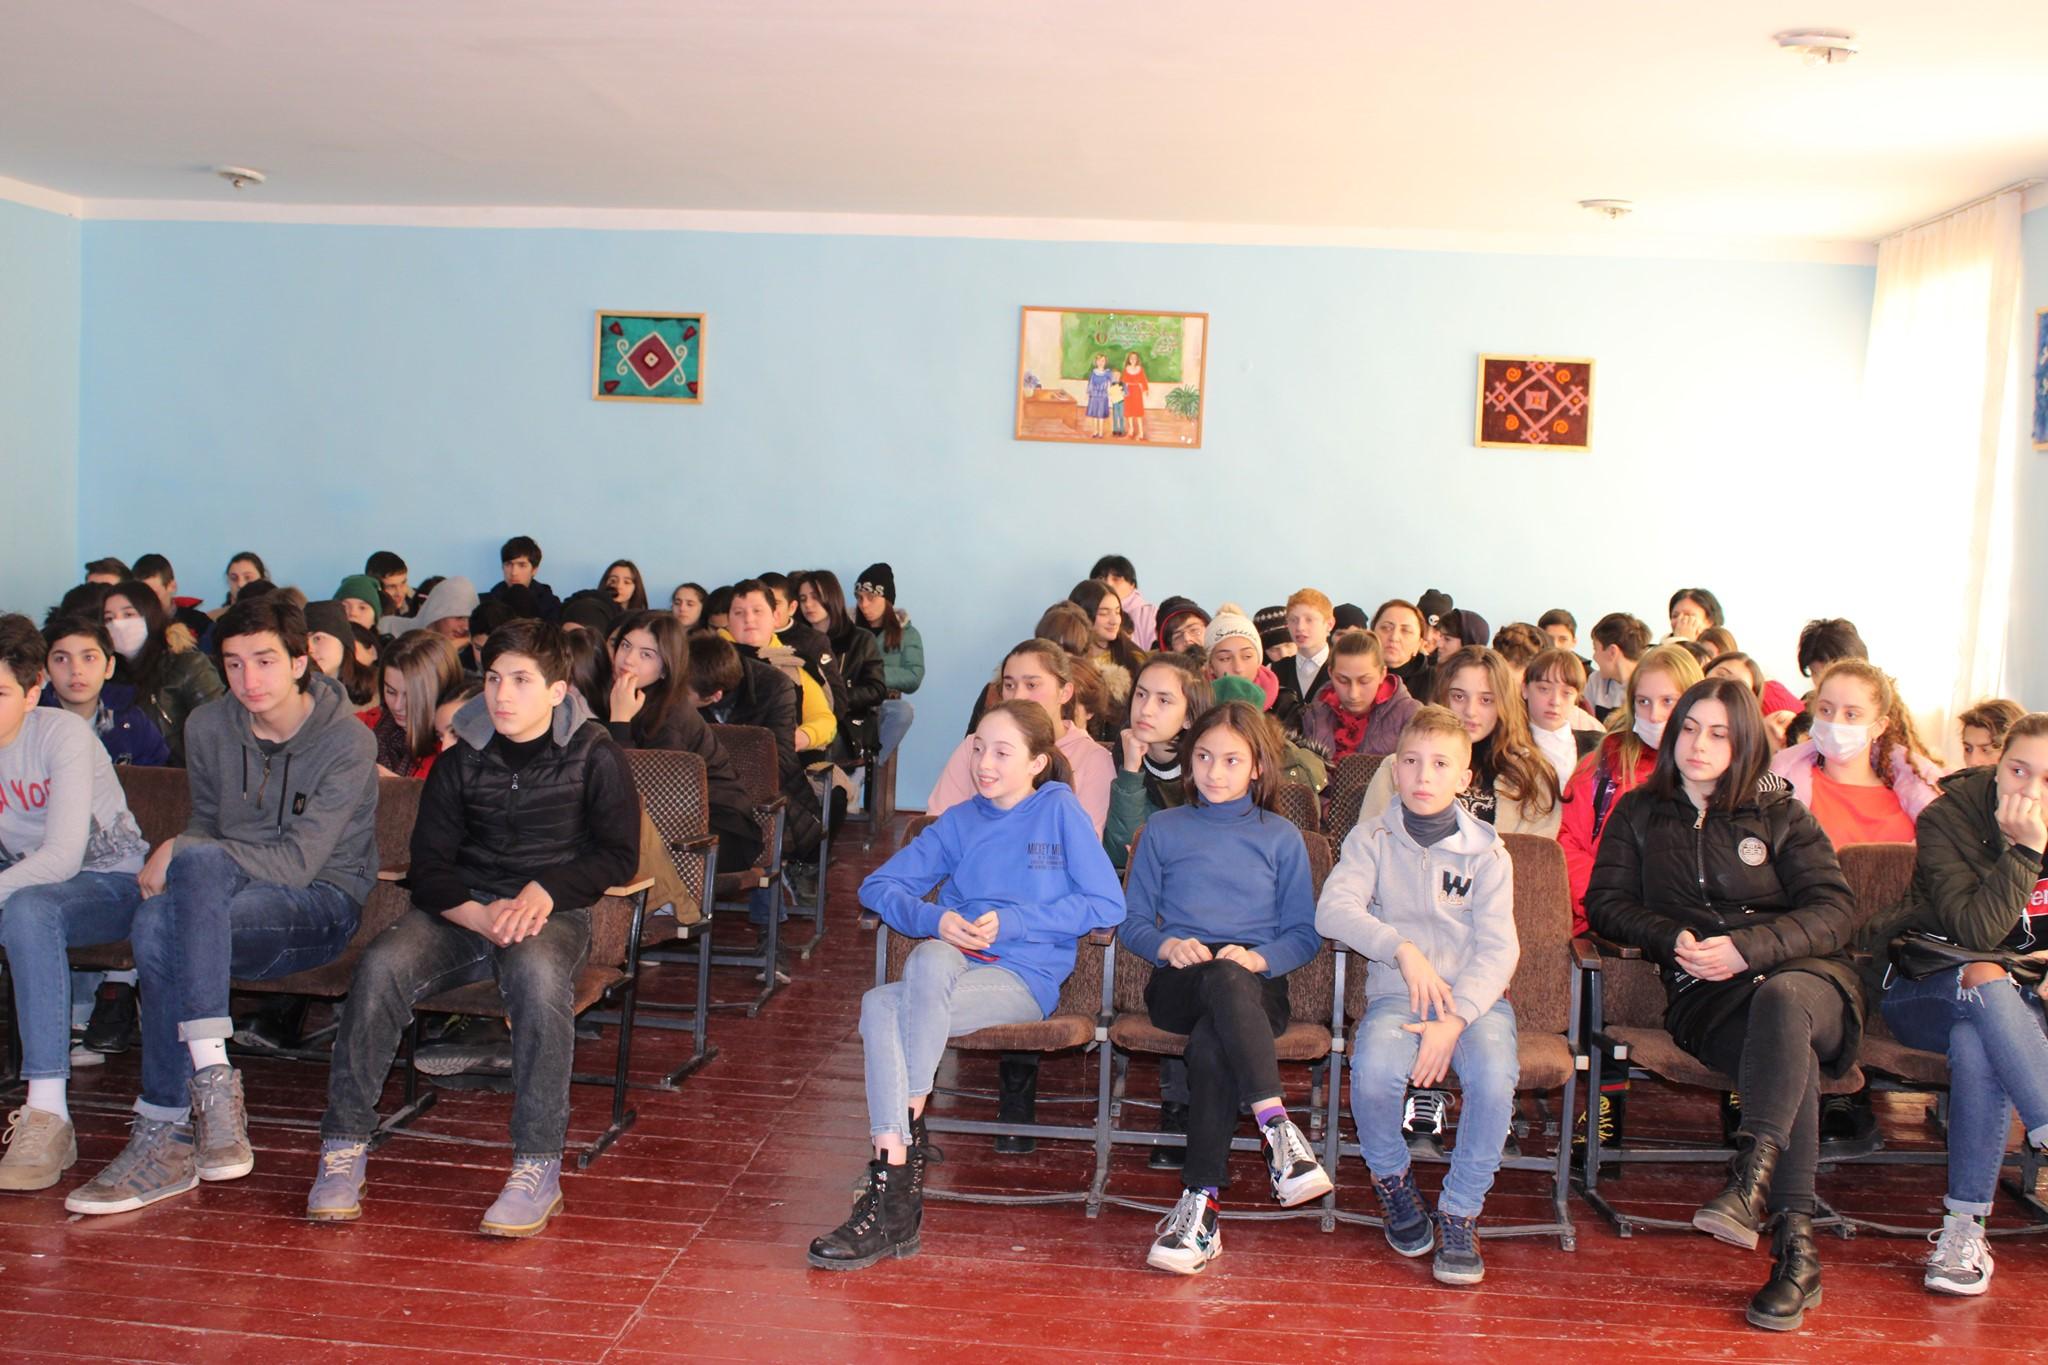 შეხვედრა წყალტუბოსა და ხონის მუნიციპალიტეტების ახალგაზრდებთან